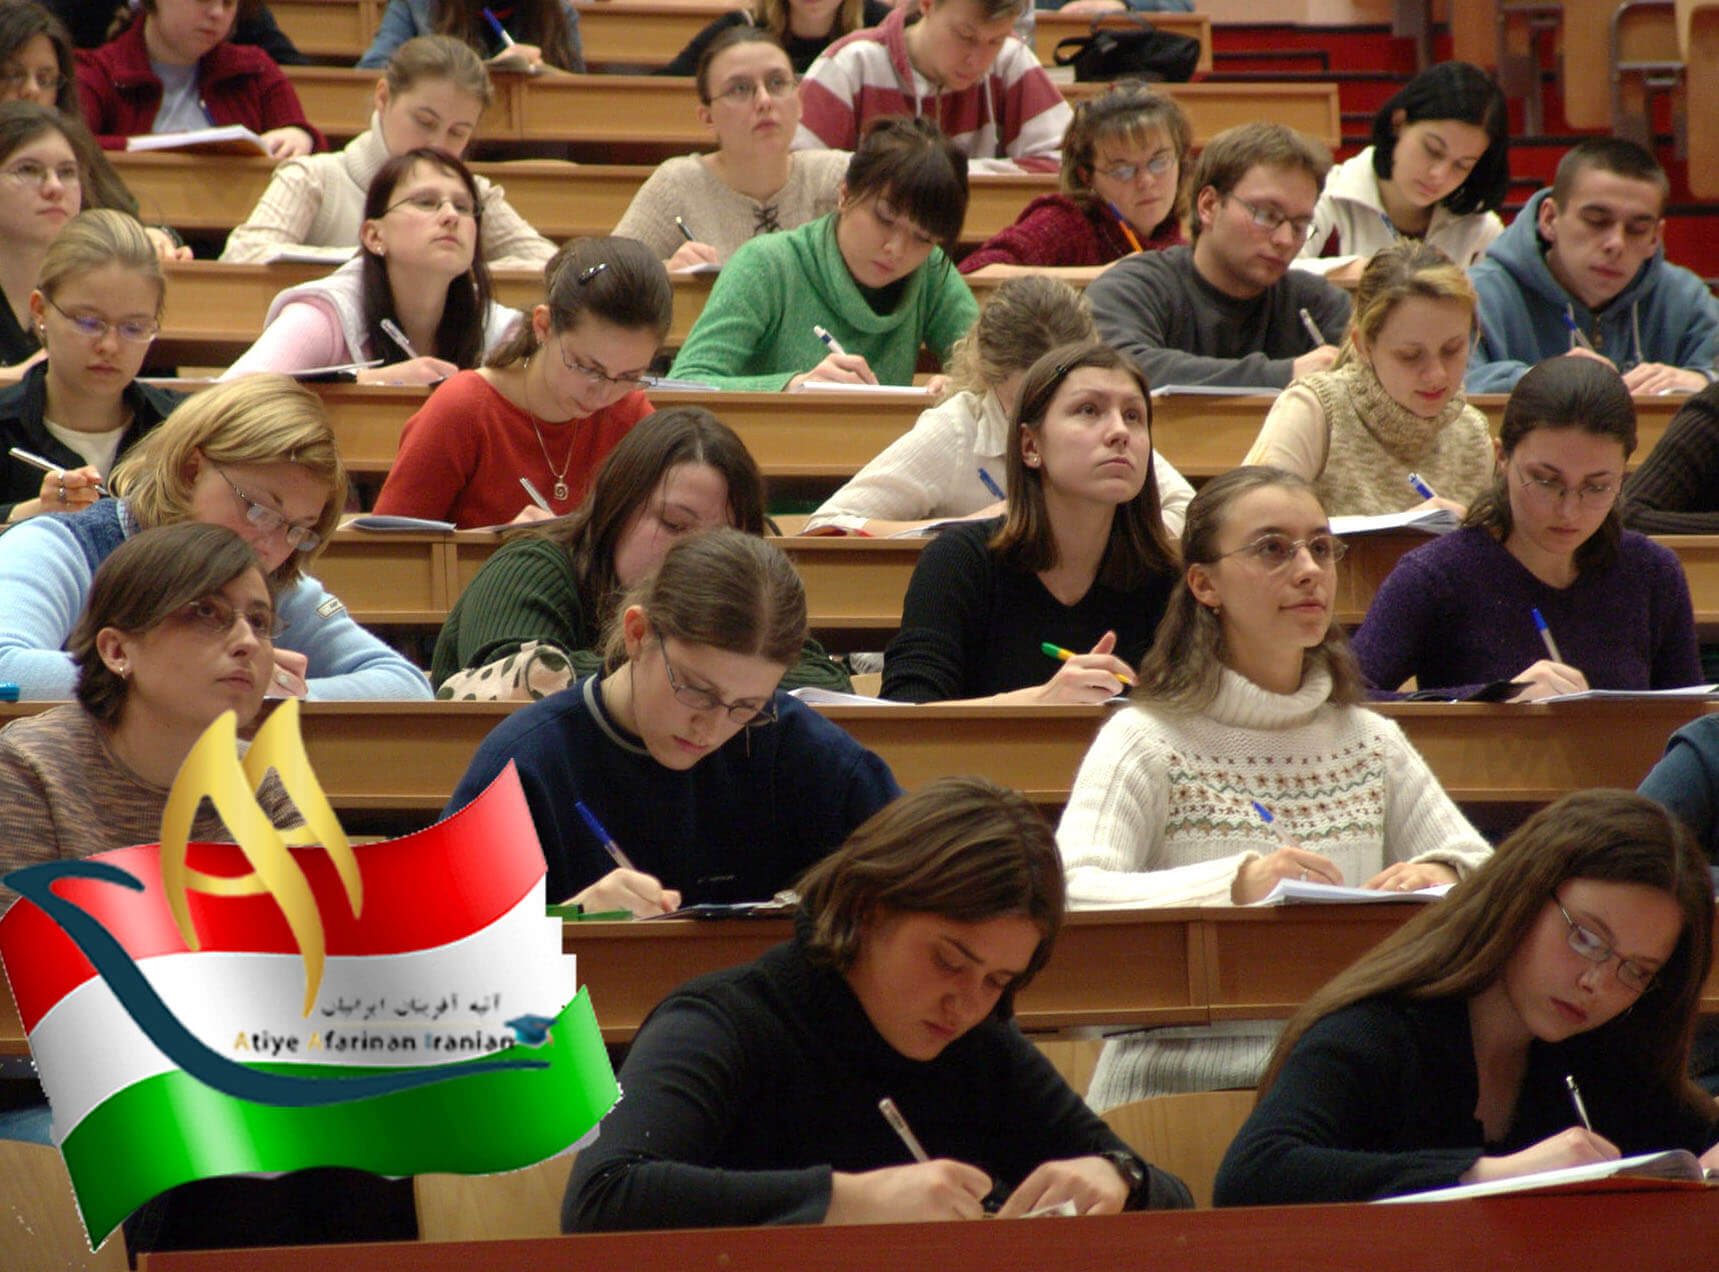 تحصیل کارشناسی ارشد در مجارستان